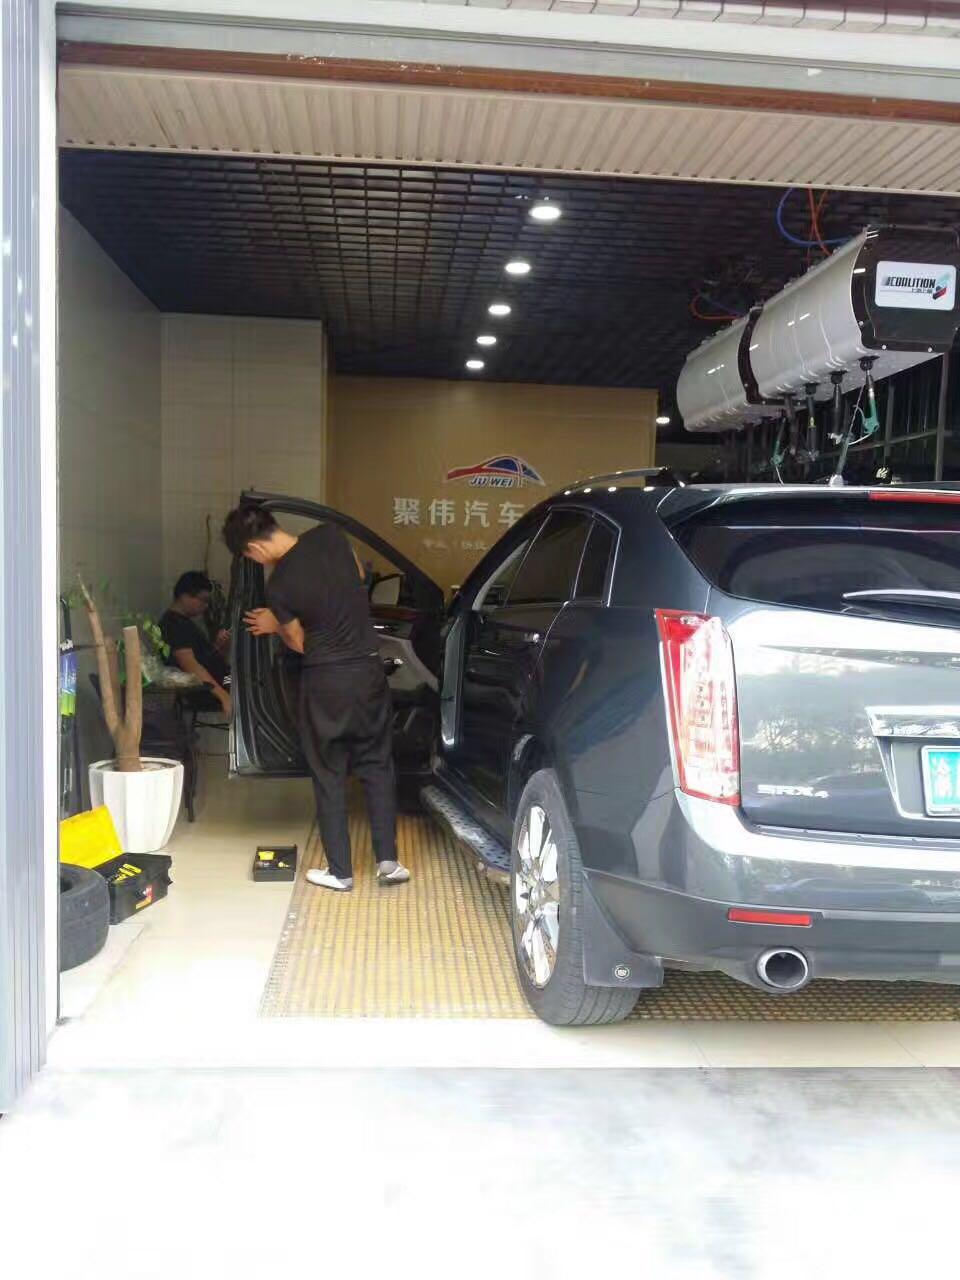 重庆汽车玻璃贴膜价格|汽车玻璃贴膜-重庆聚伟汽车玻璃有限公司